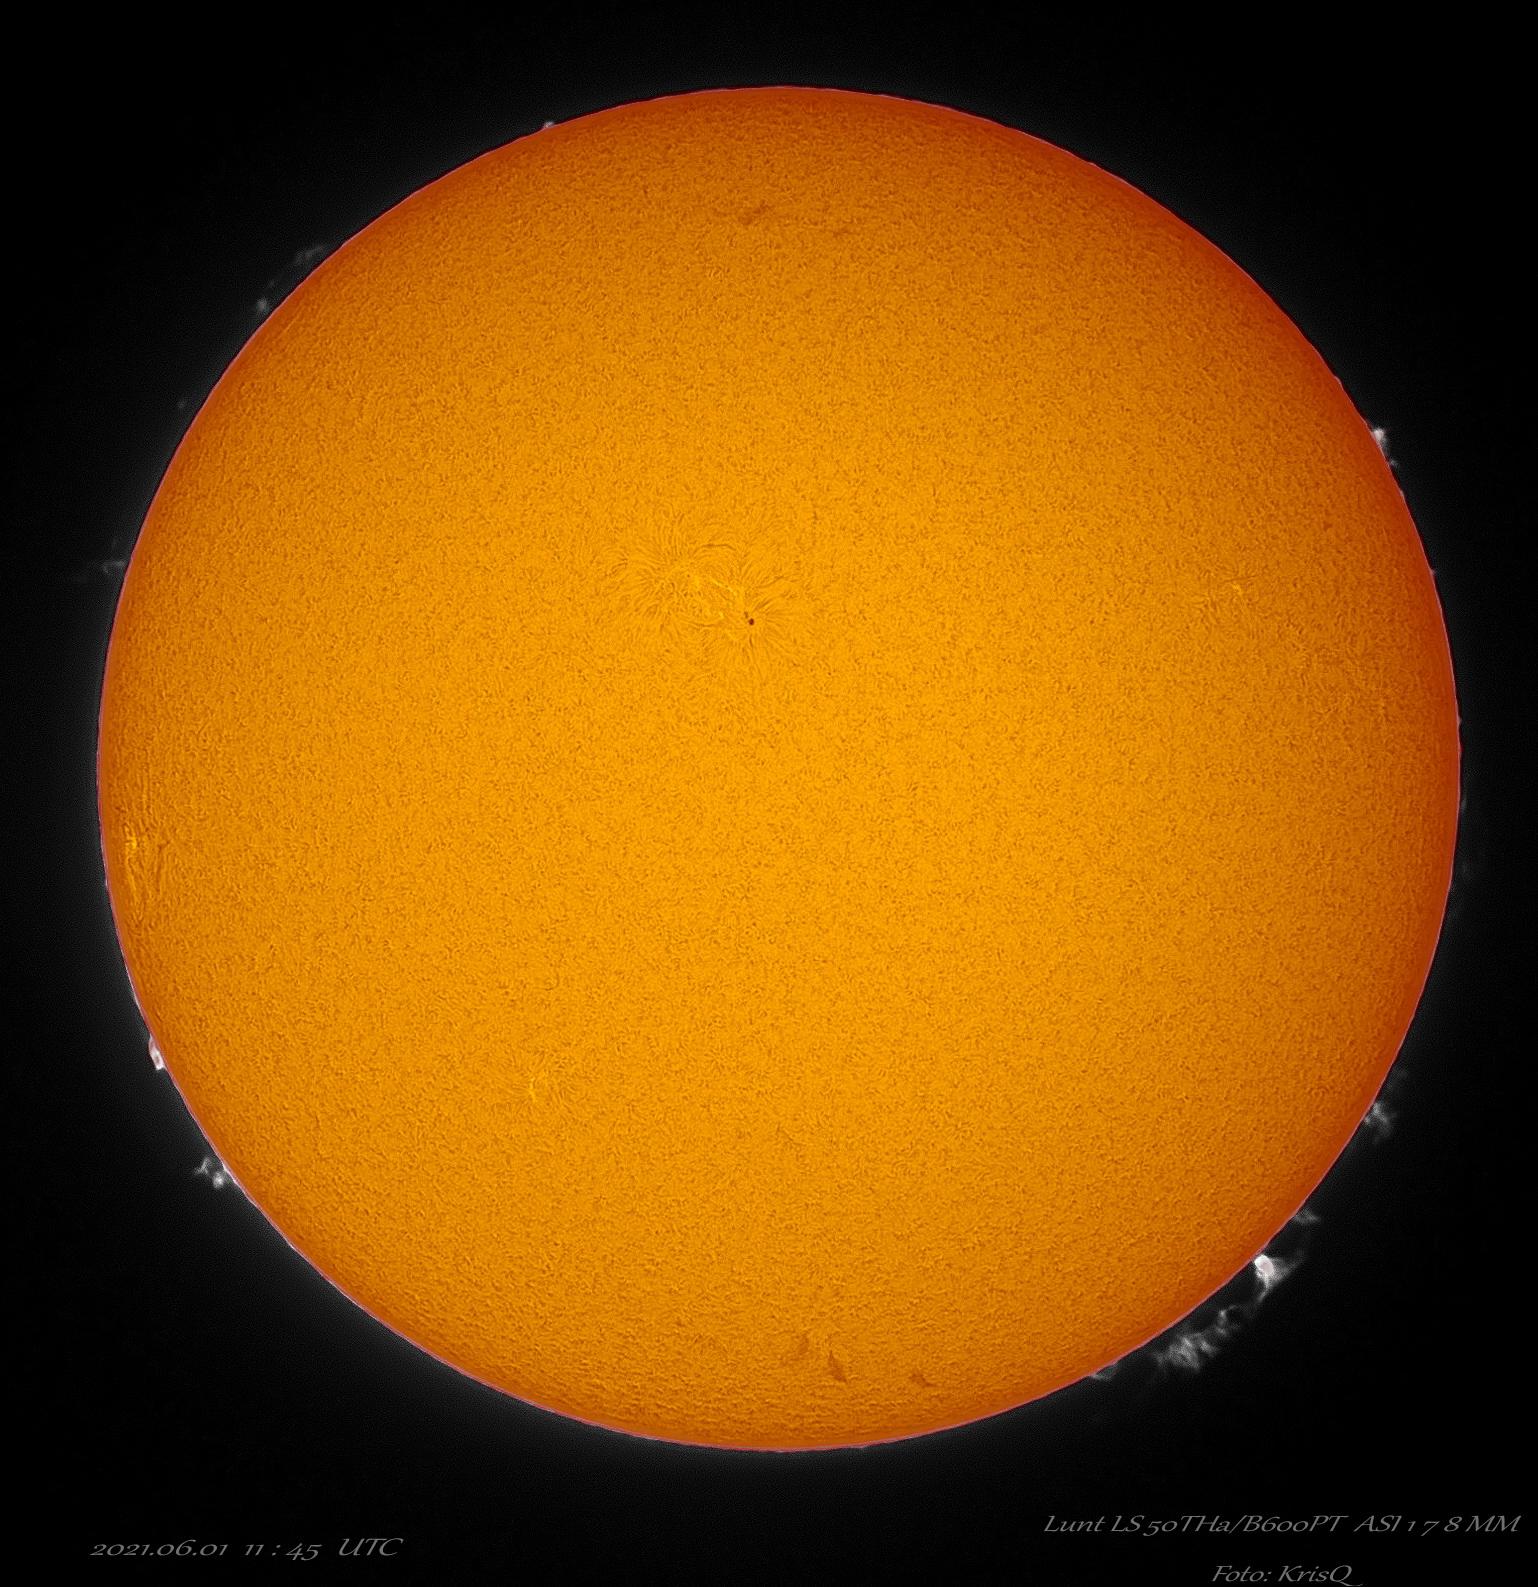 Sun_114515_ZWO ASI178MM_010621_lapl4_ap851_PS_stack_acdse.jpg